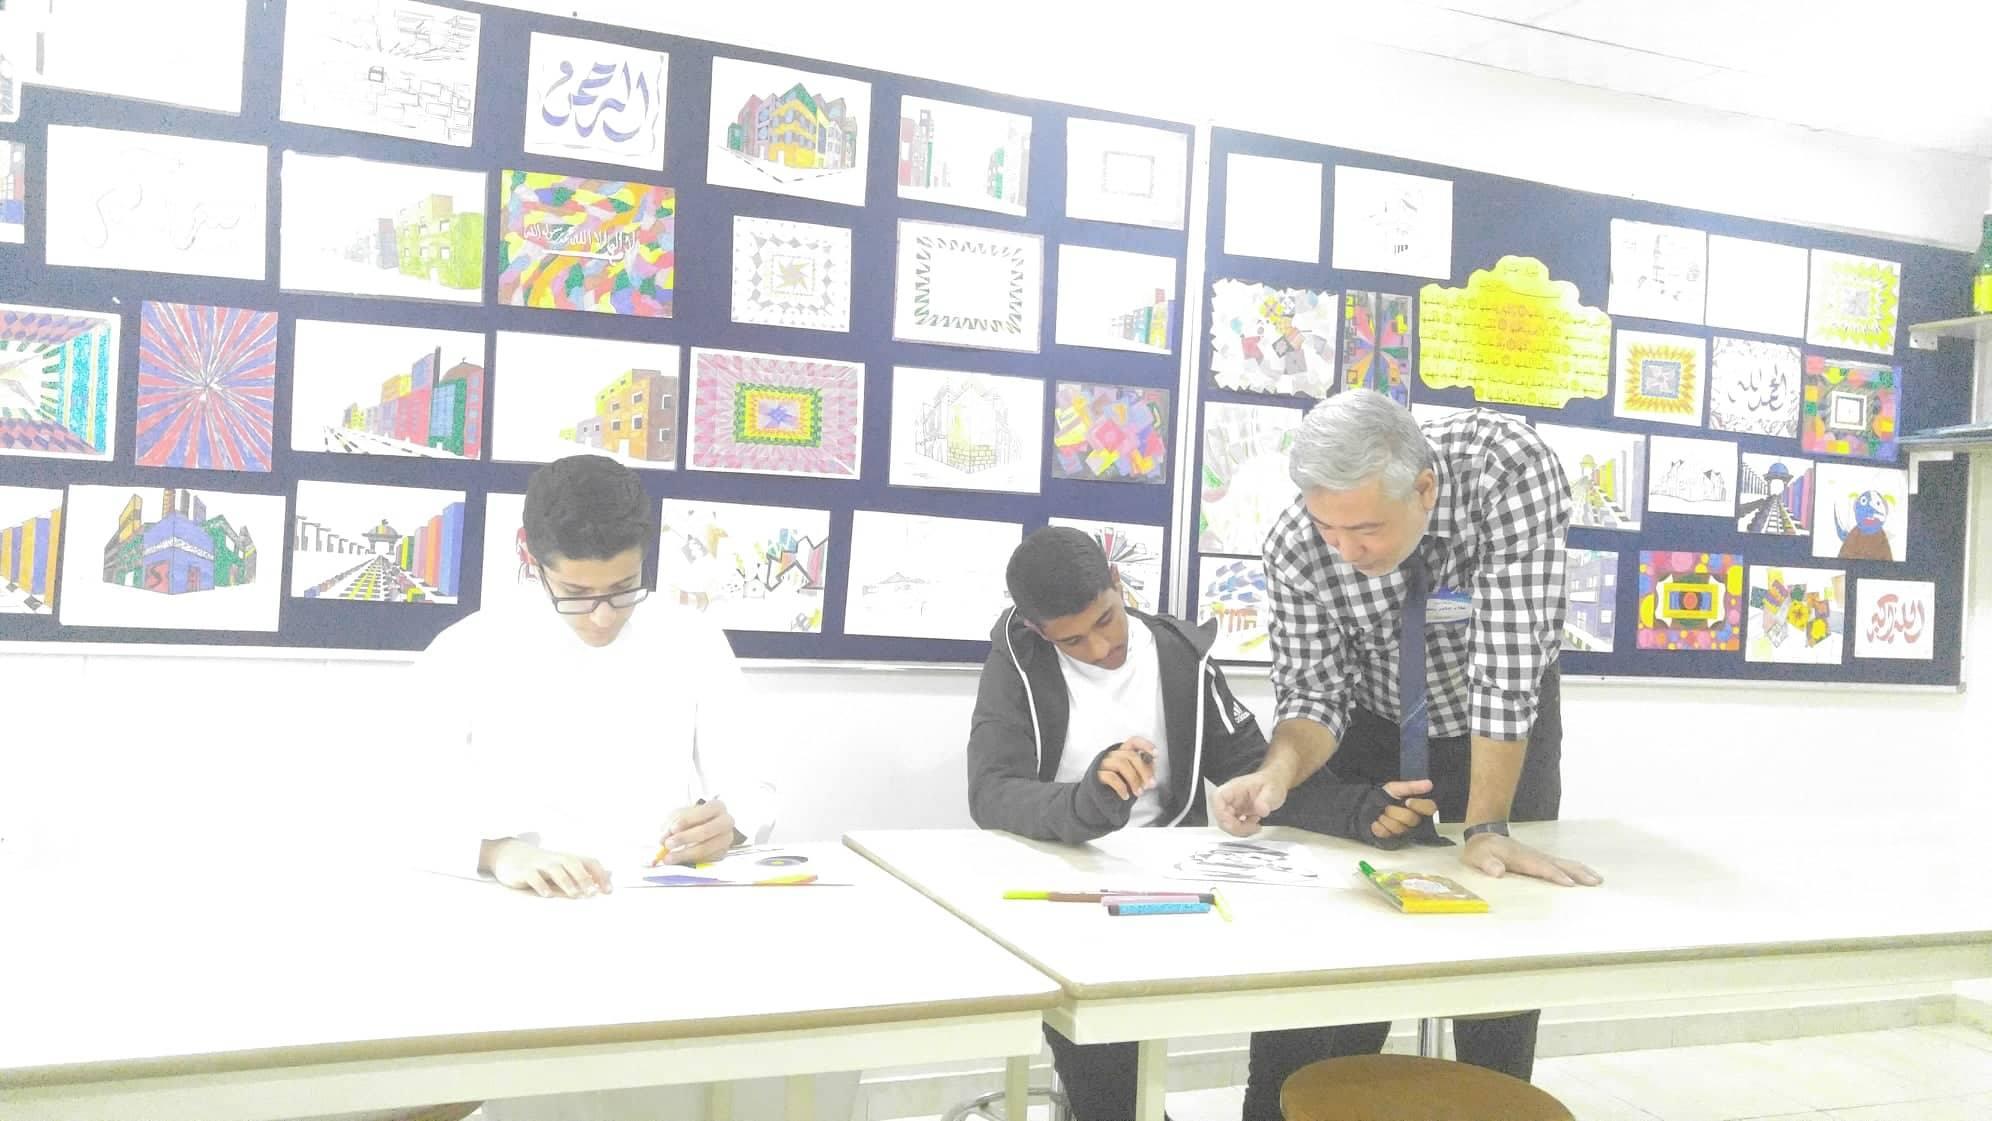 بدء تفعيل النشاط الفني والمهني لدى الطلاب